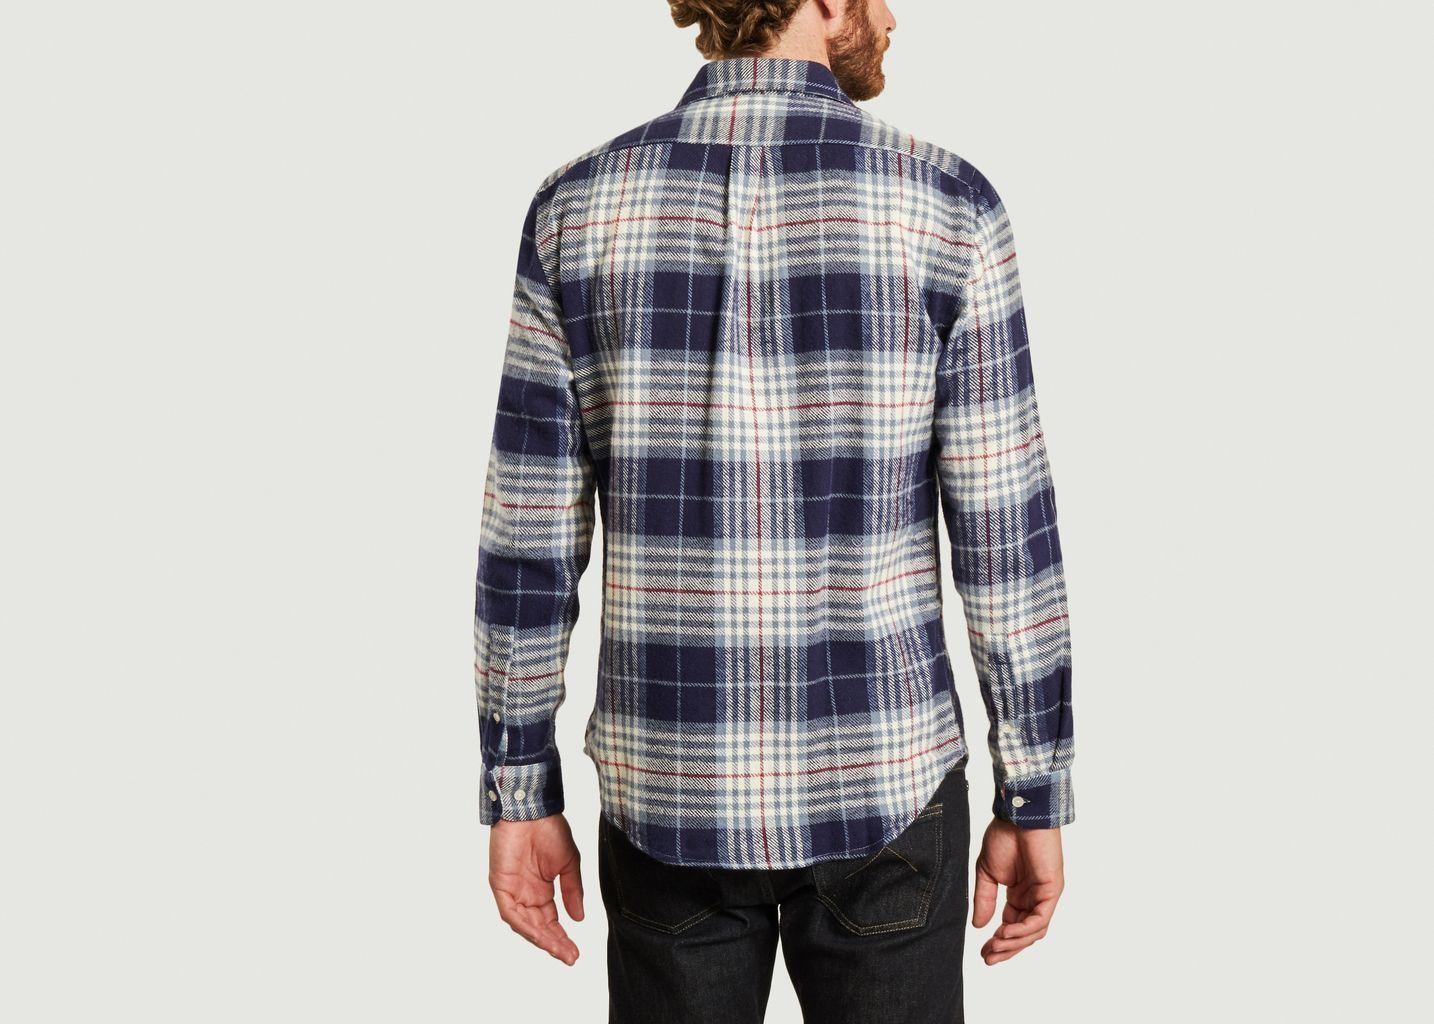 Chemise en flanelle à carreaux Bleeckers - Portuguese Flannel